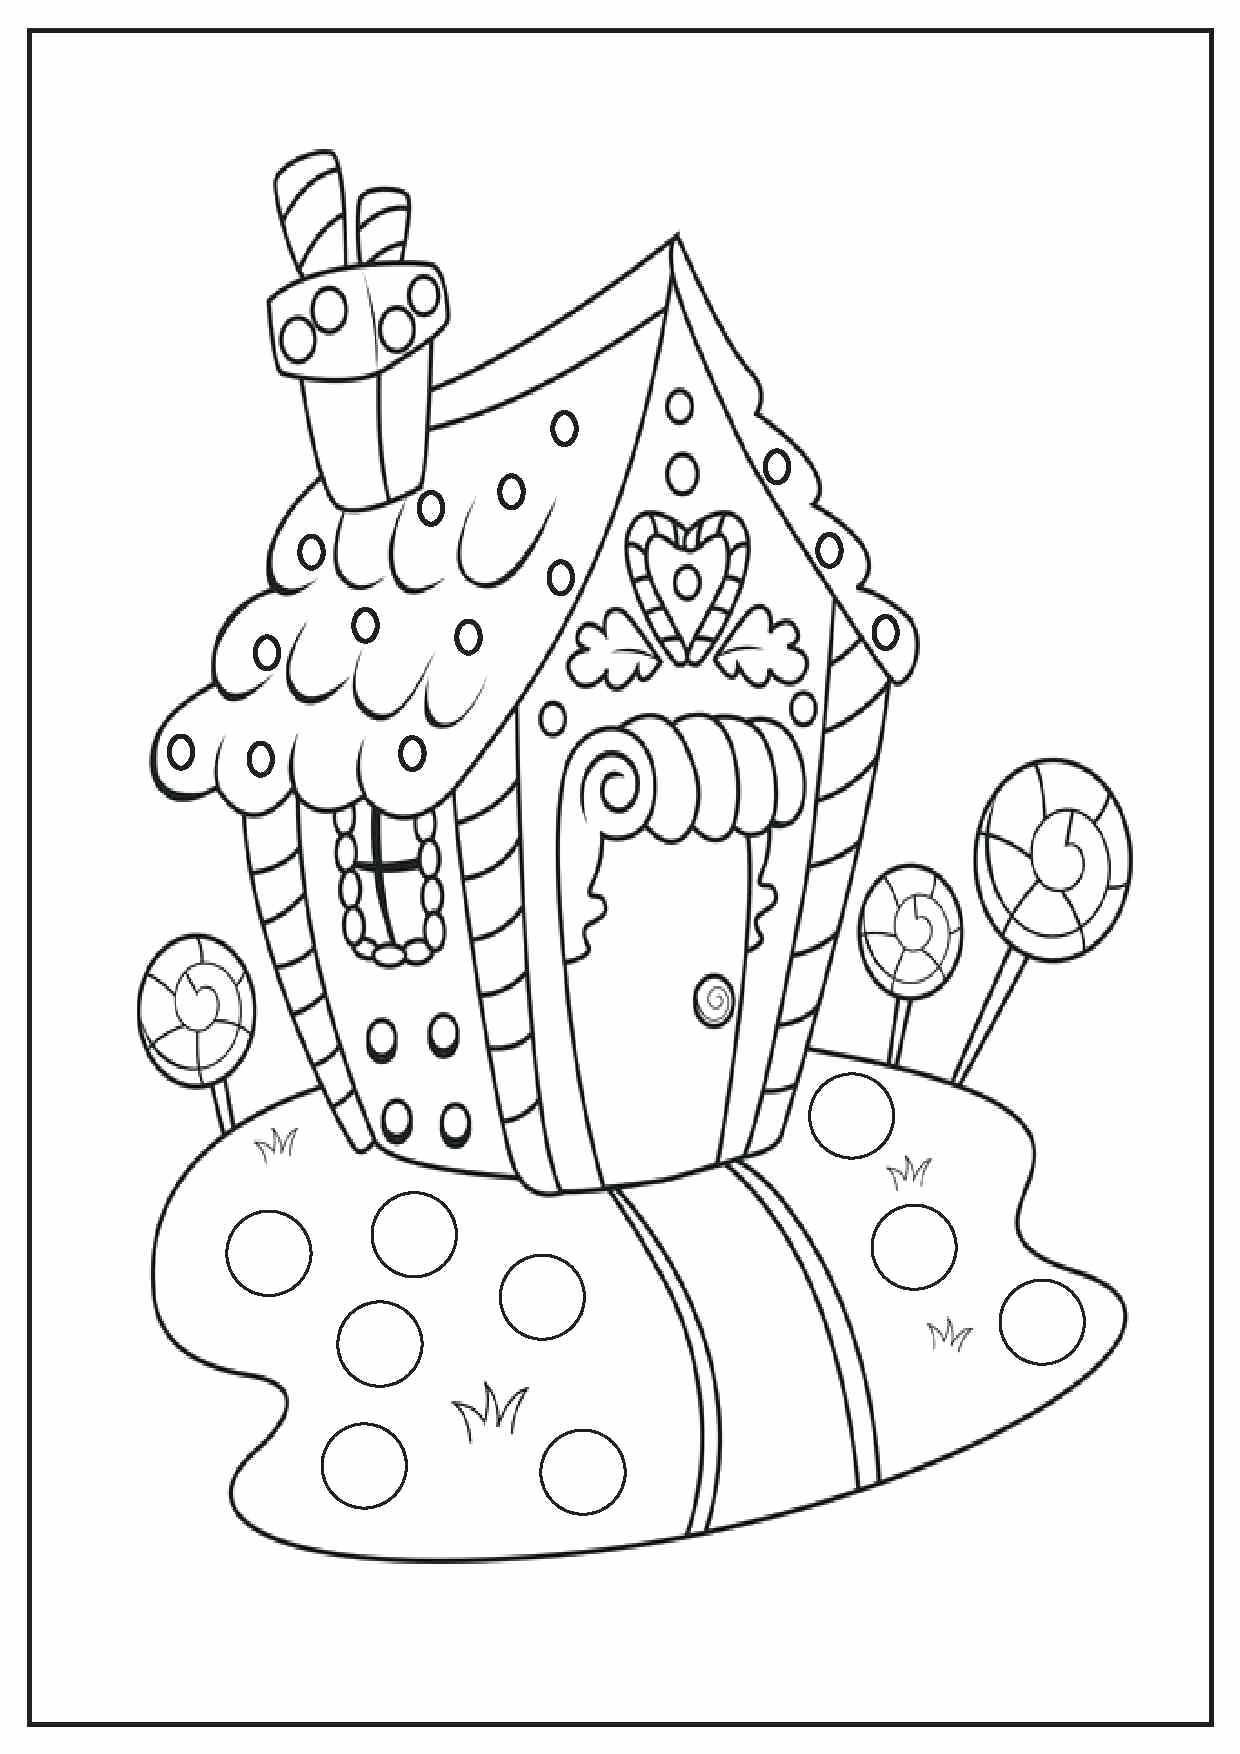 Preschool Drawing Worksheets At Getdrawings